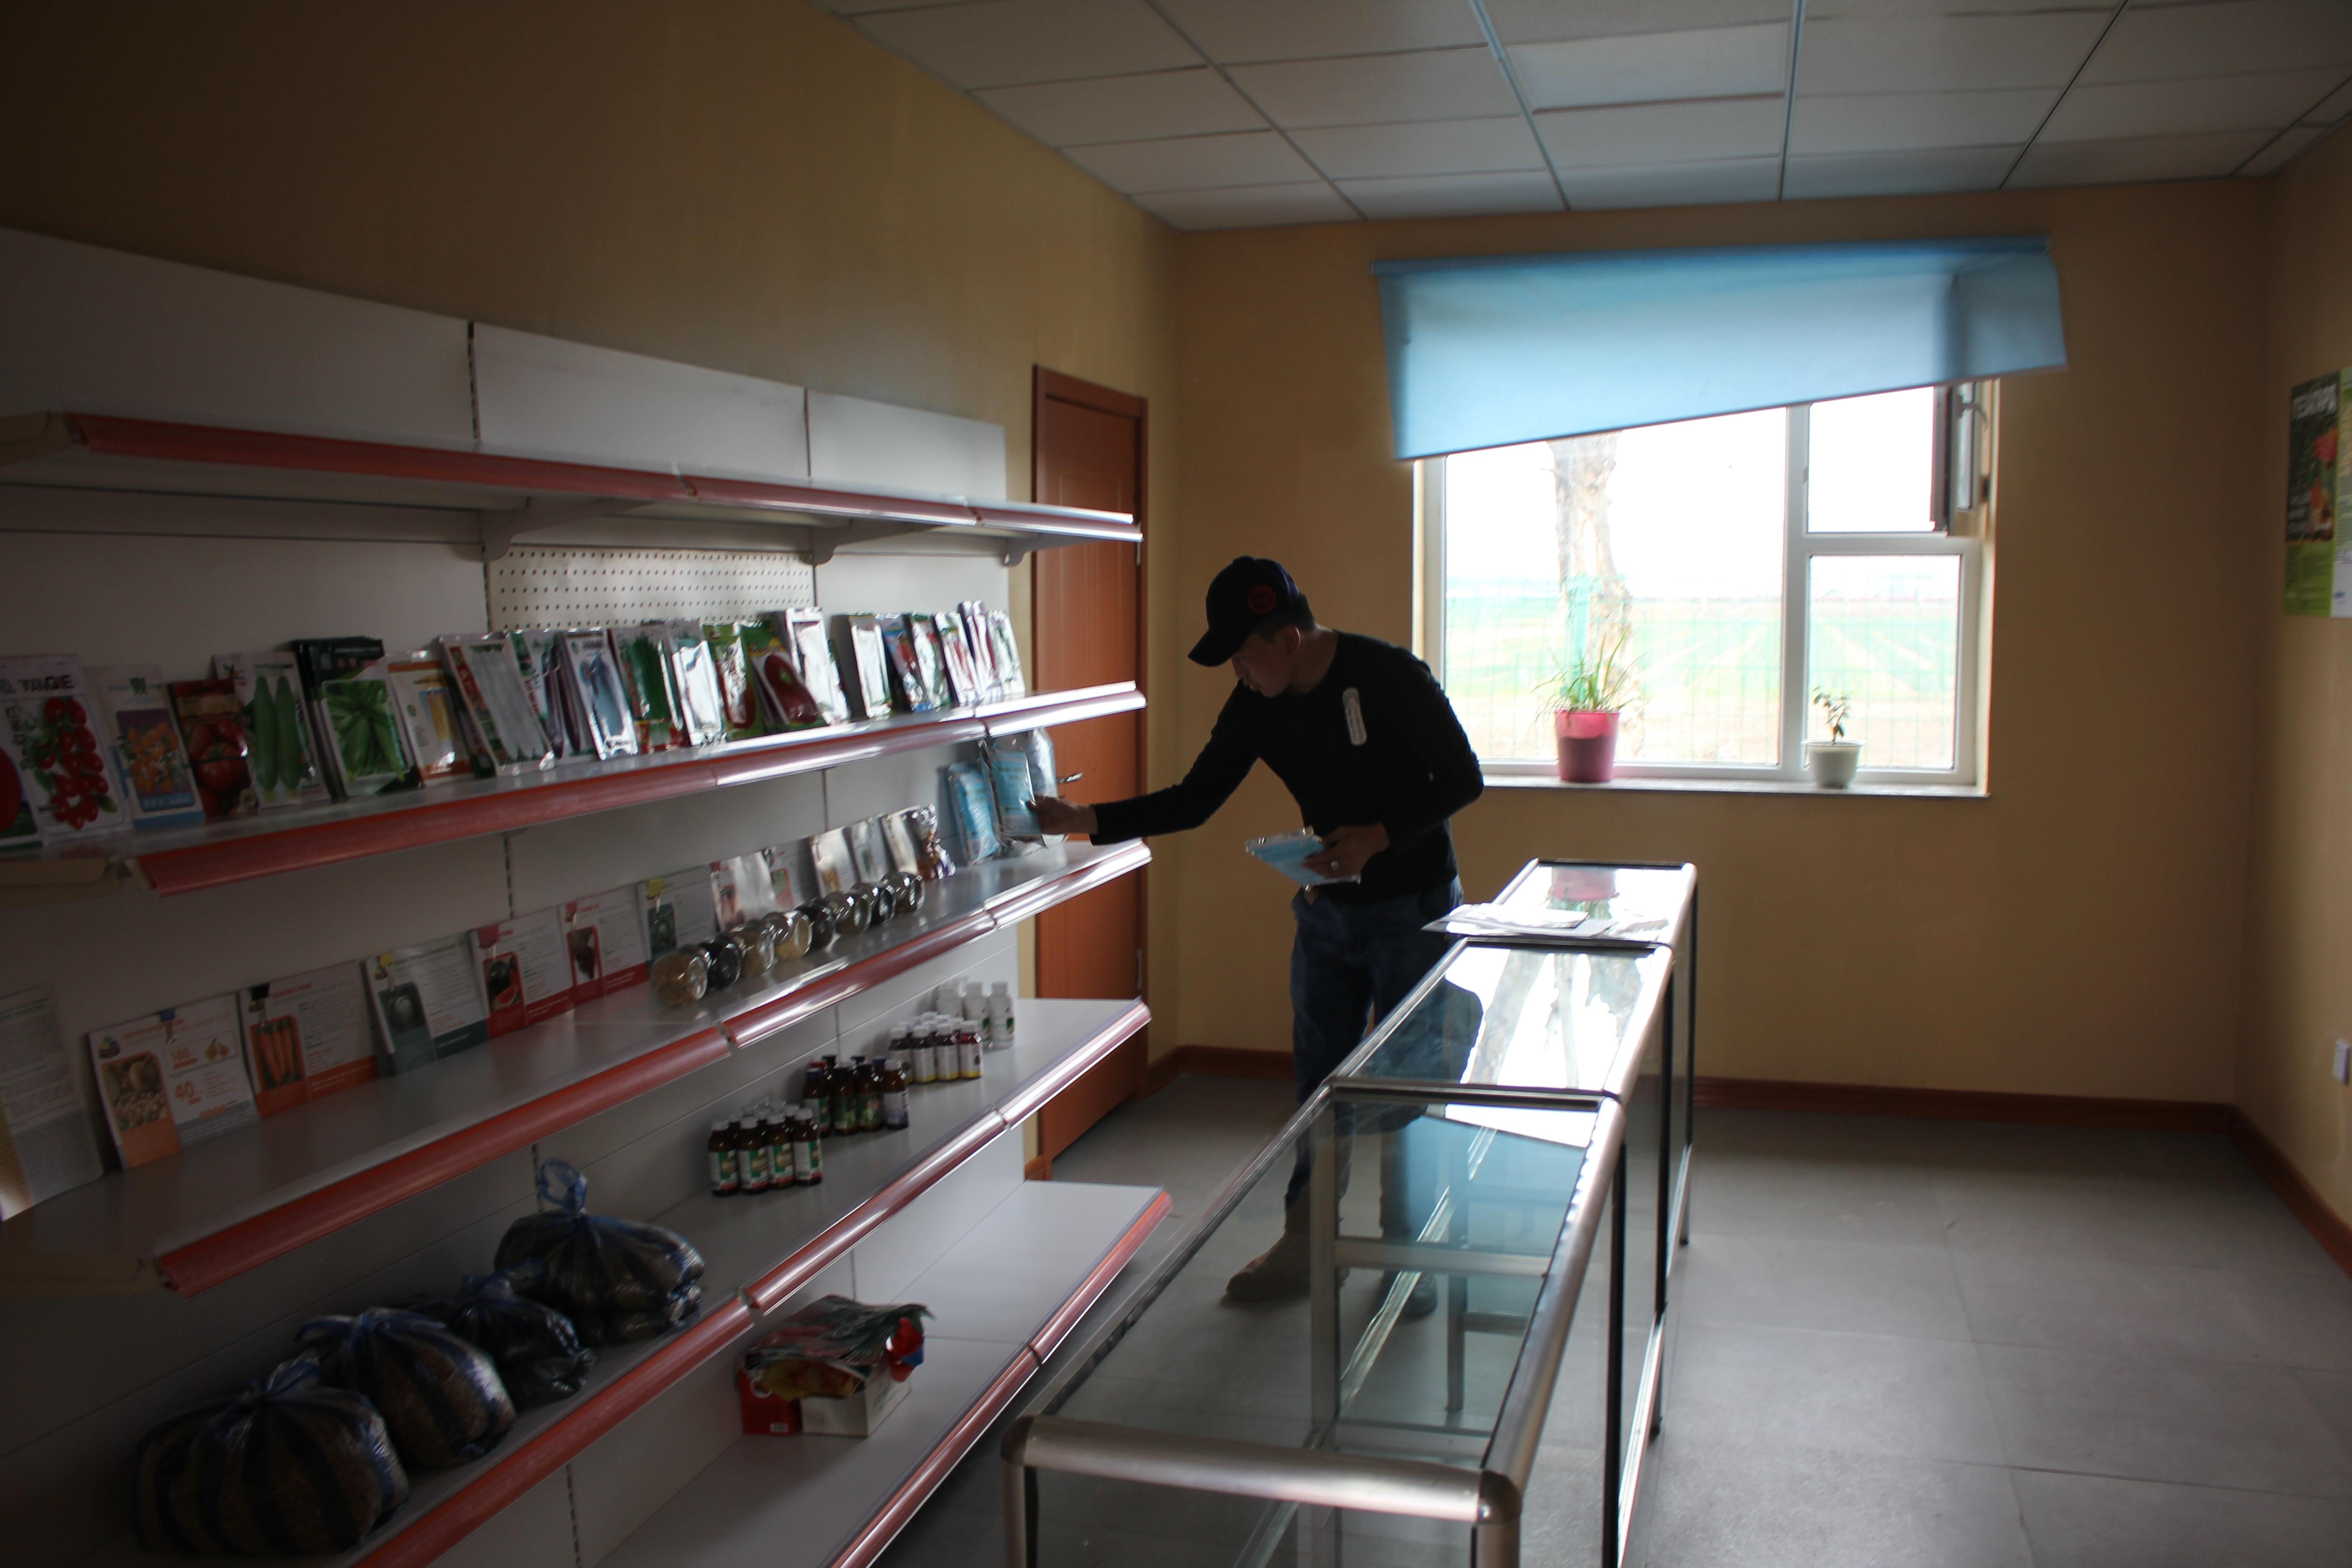 МХШТФХ-ны орон нутаг дахь салбар холбооны үрийн дэлгүүр